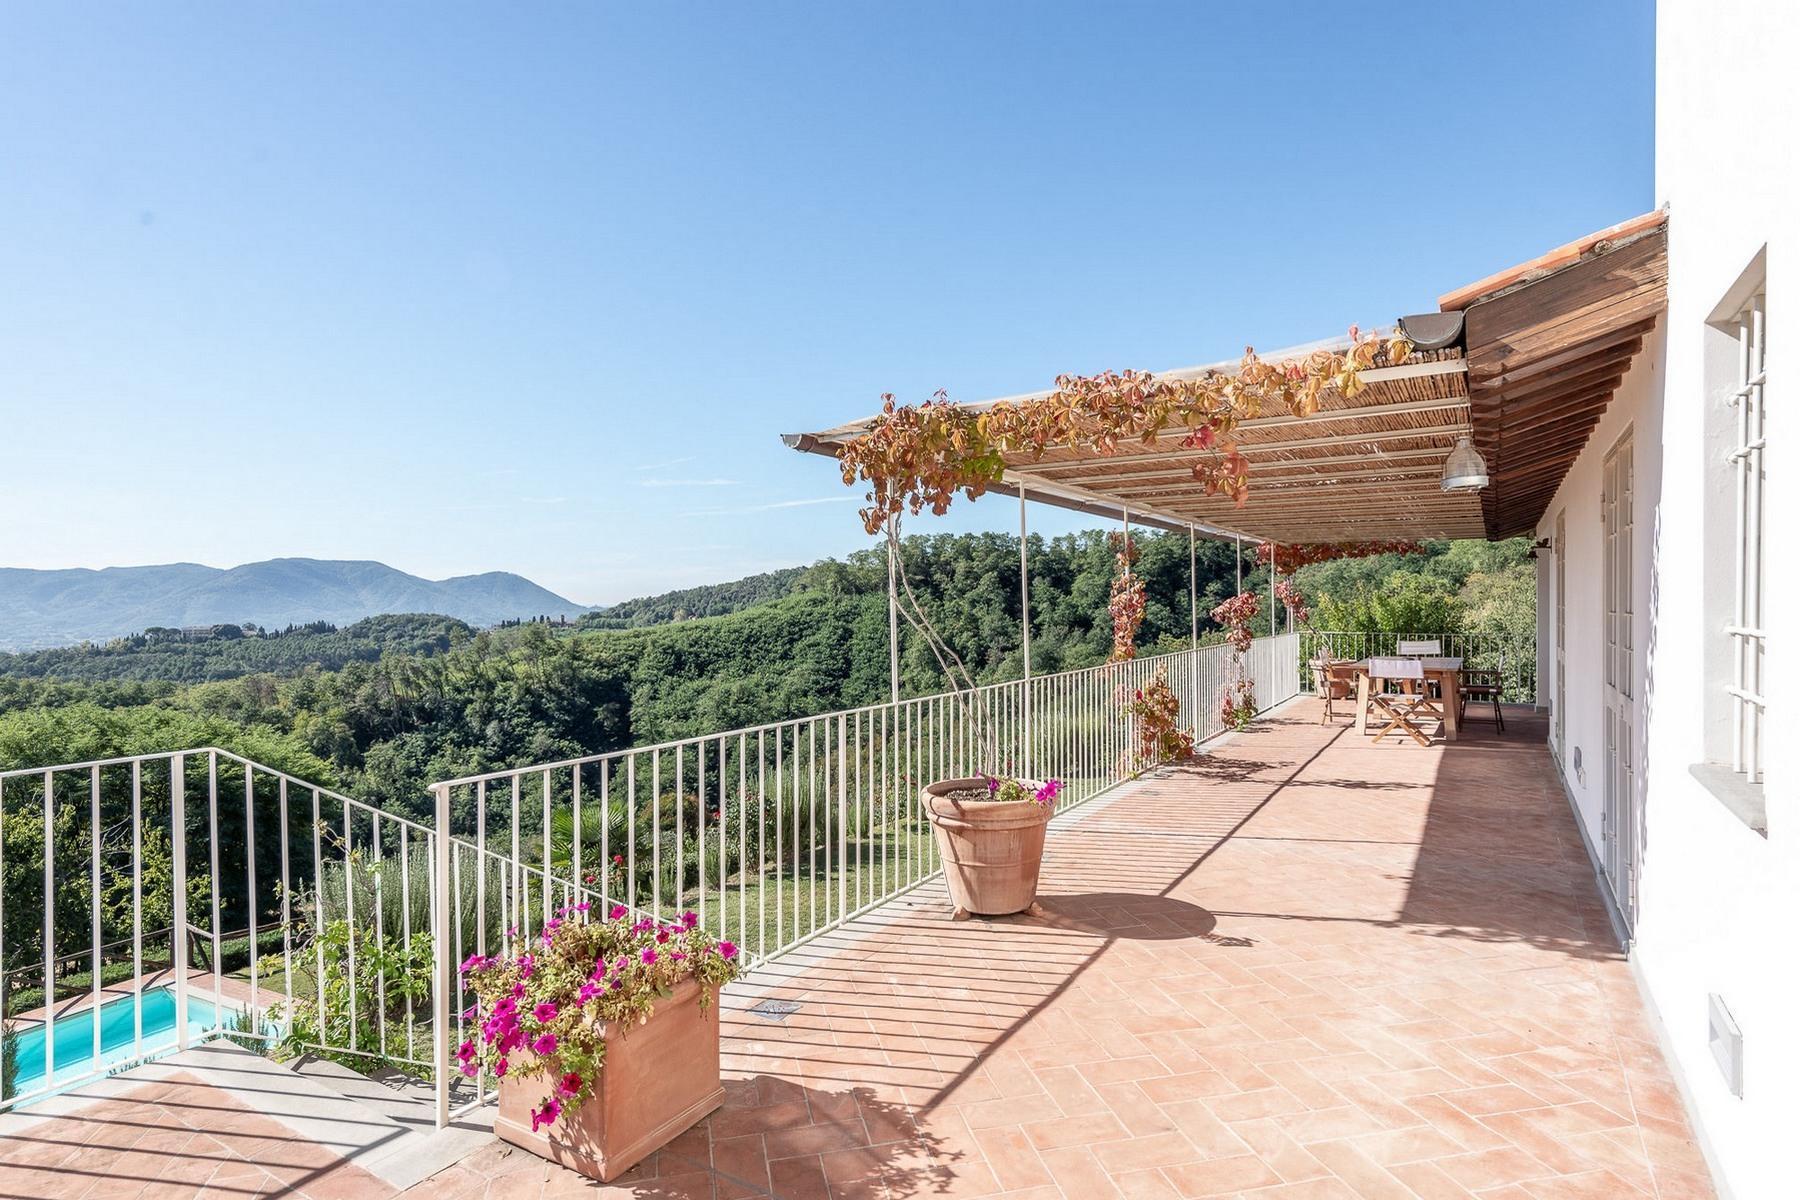 Meravigliosa villa con piscina sulle colline di Pieve Santo Stefano - 15